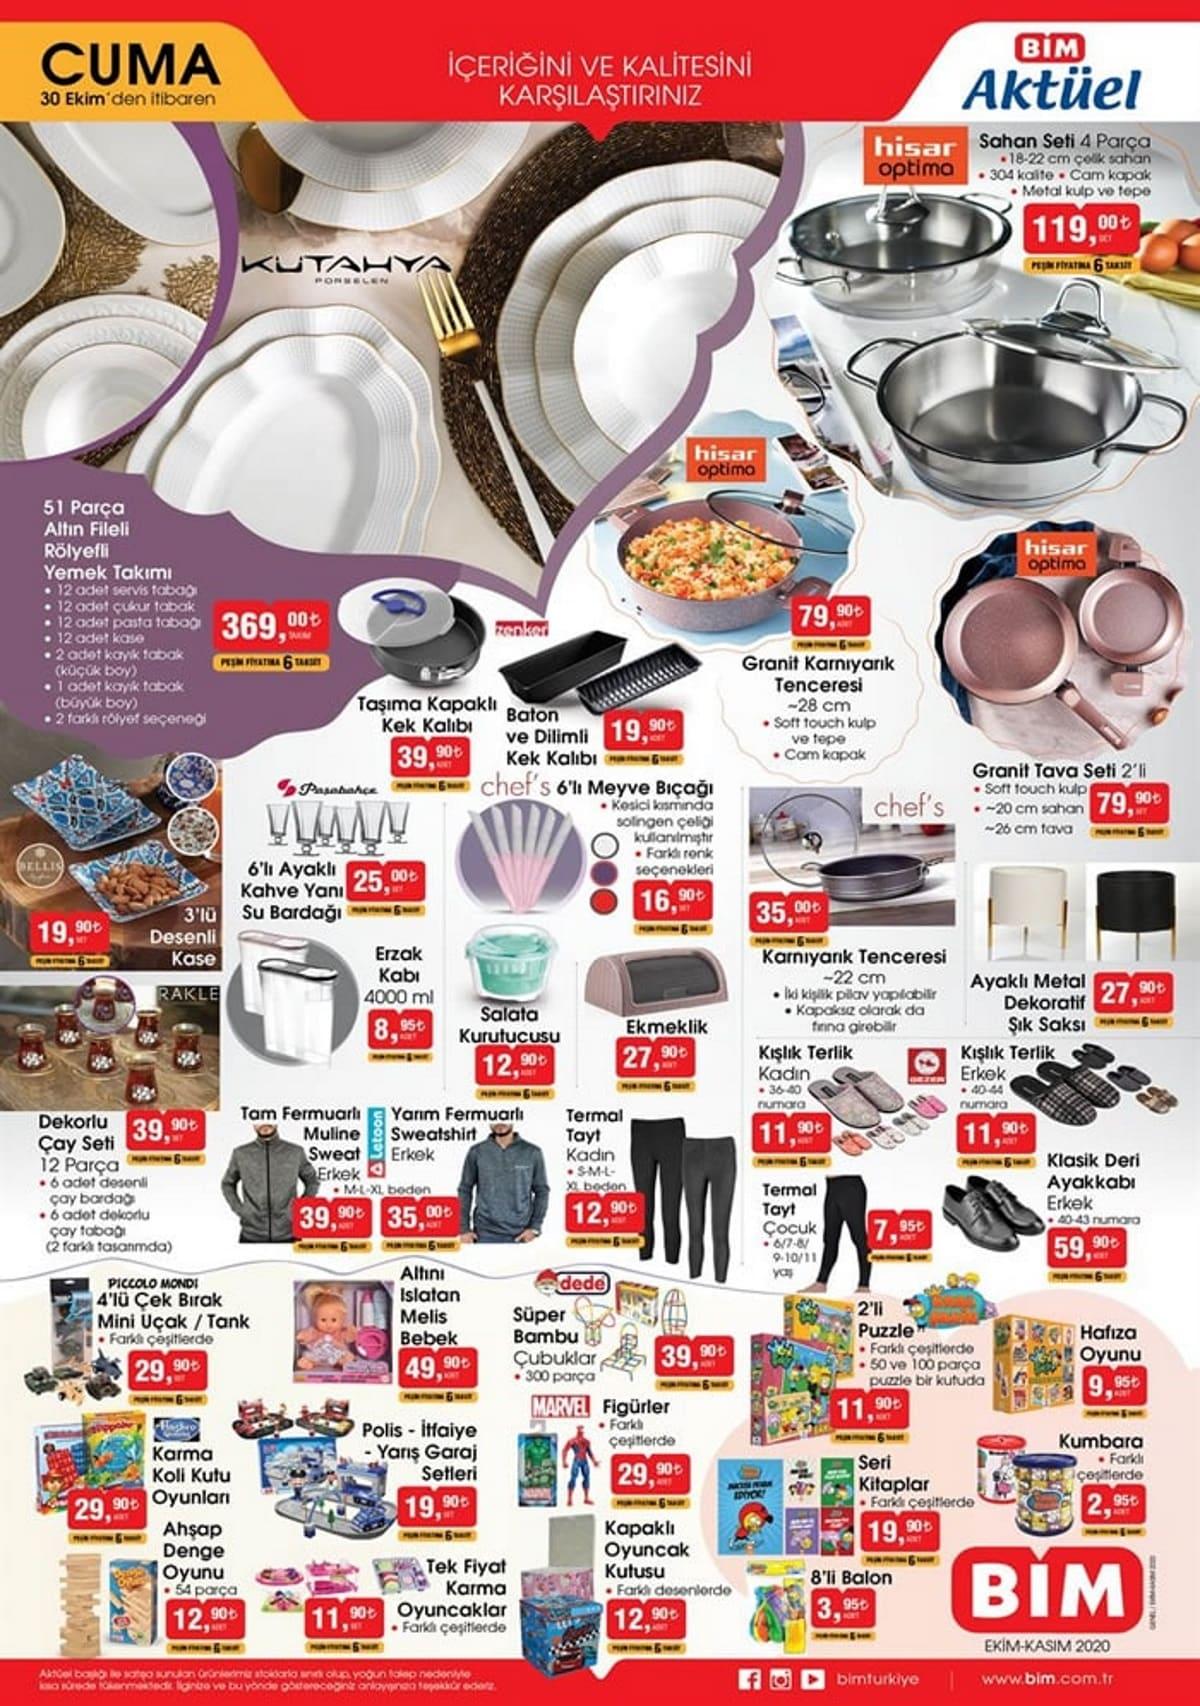 Bim 30 Ekim Yeni Ürünler Katalogu